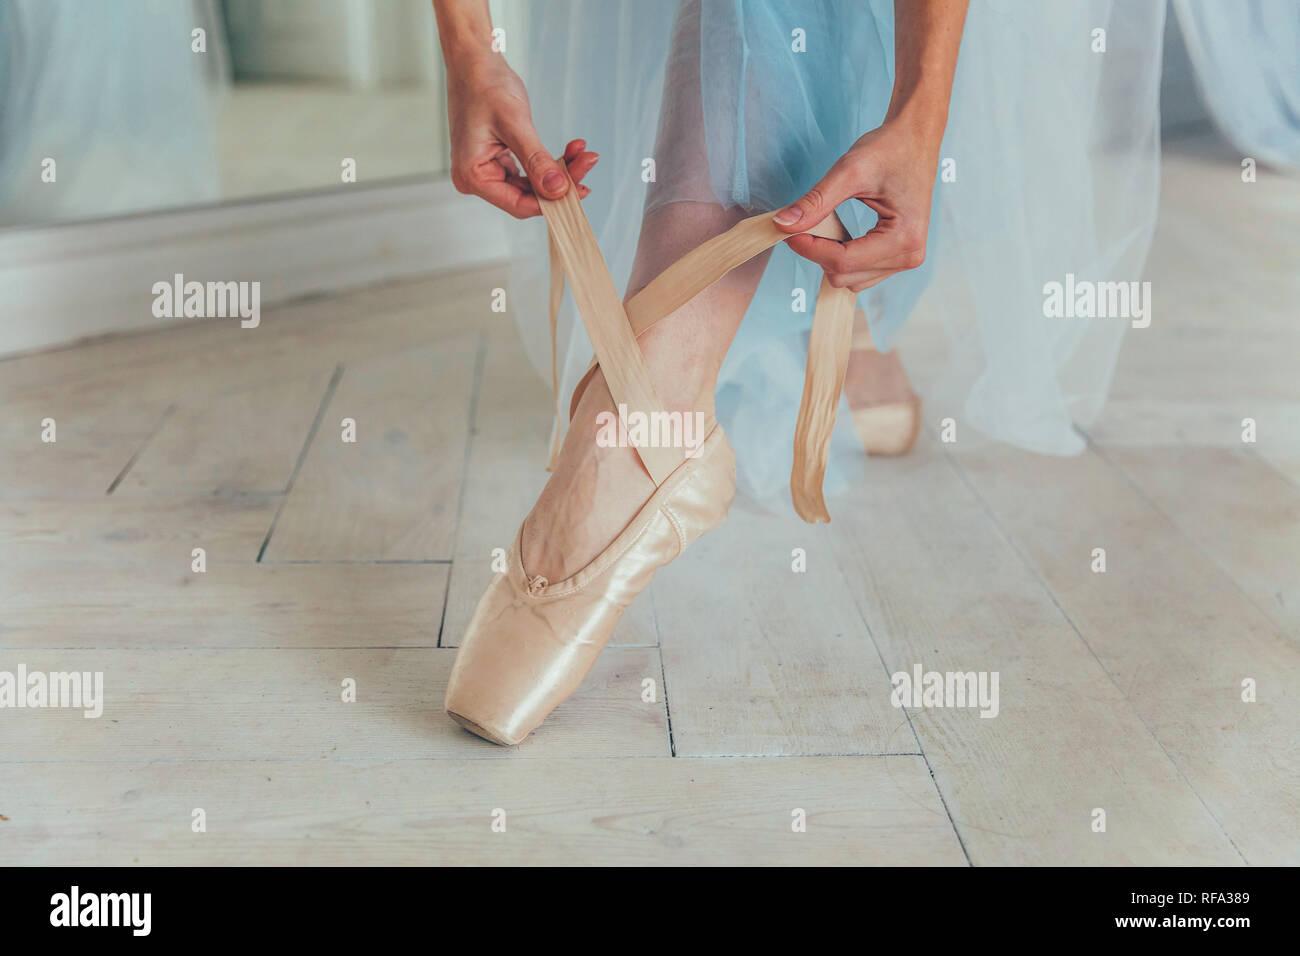 Balletstage Immagini & Balletstage Fotos Stock Alamy